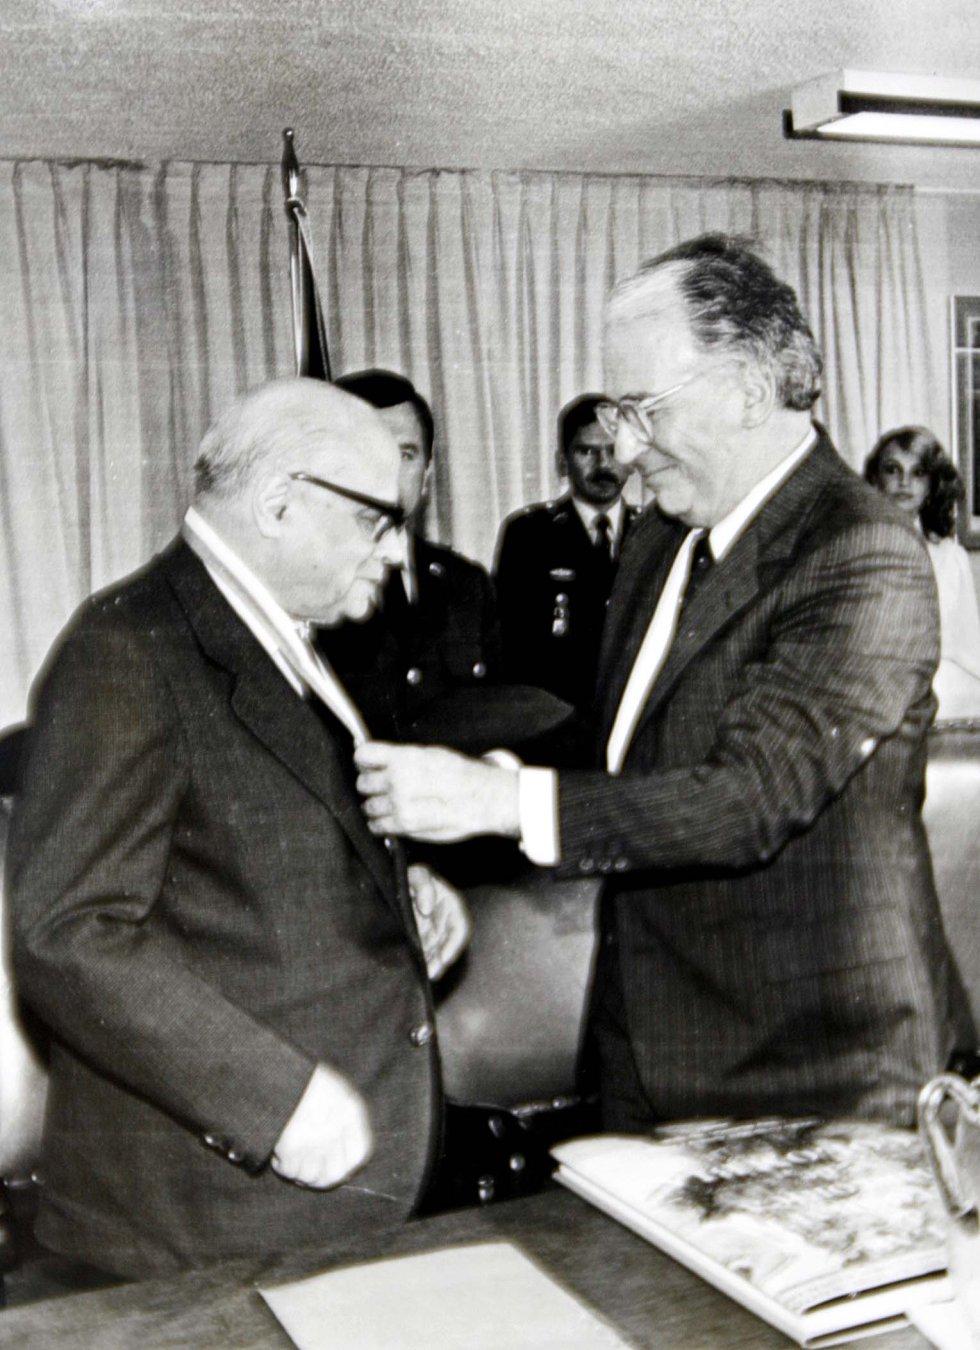 El ex presidente Carlos Lleras Restrepo es condecorado por el ex presidente Belisario Betancur